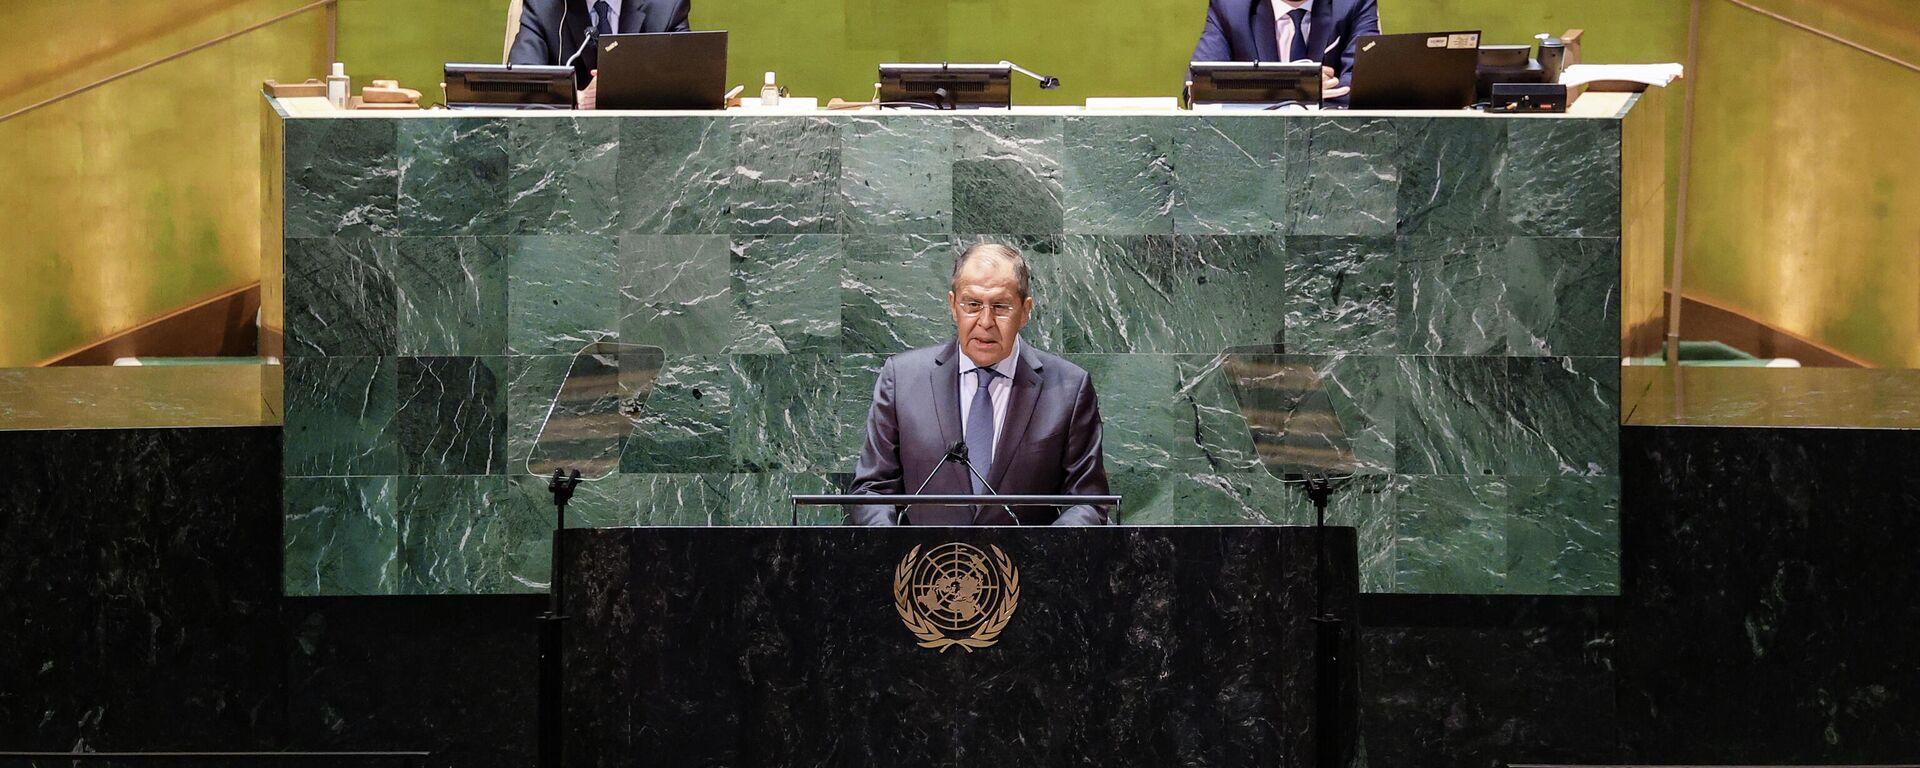 Выступление Сергея Лаврова на 76-й сессии Генассамблеи ООН - Sputnik Грузия, 1920, 27.09.2021